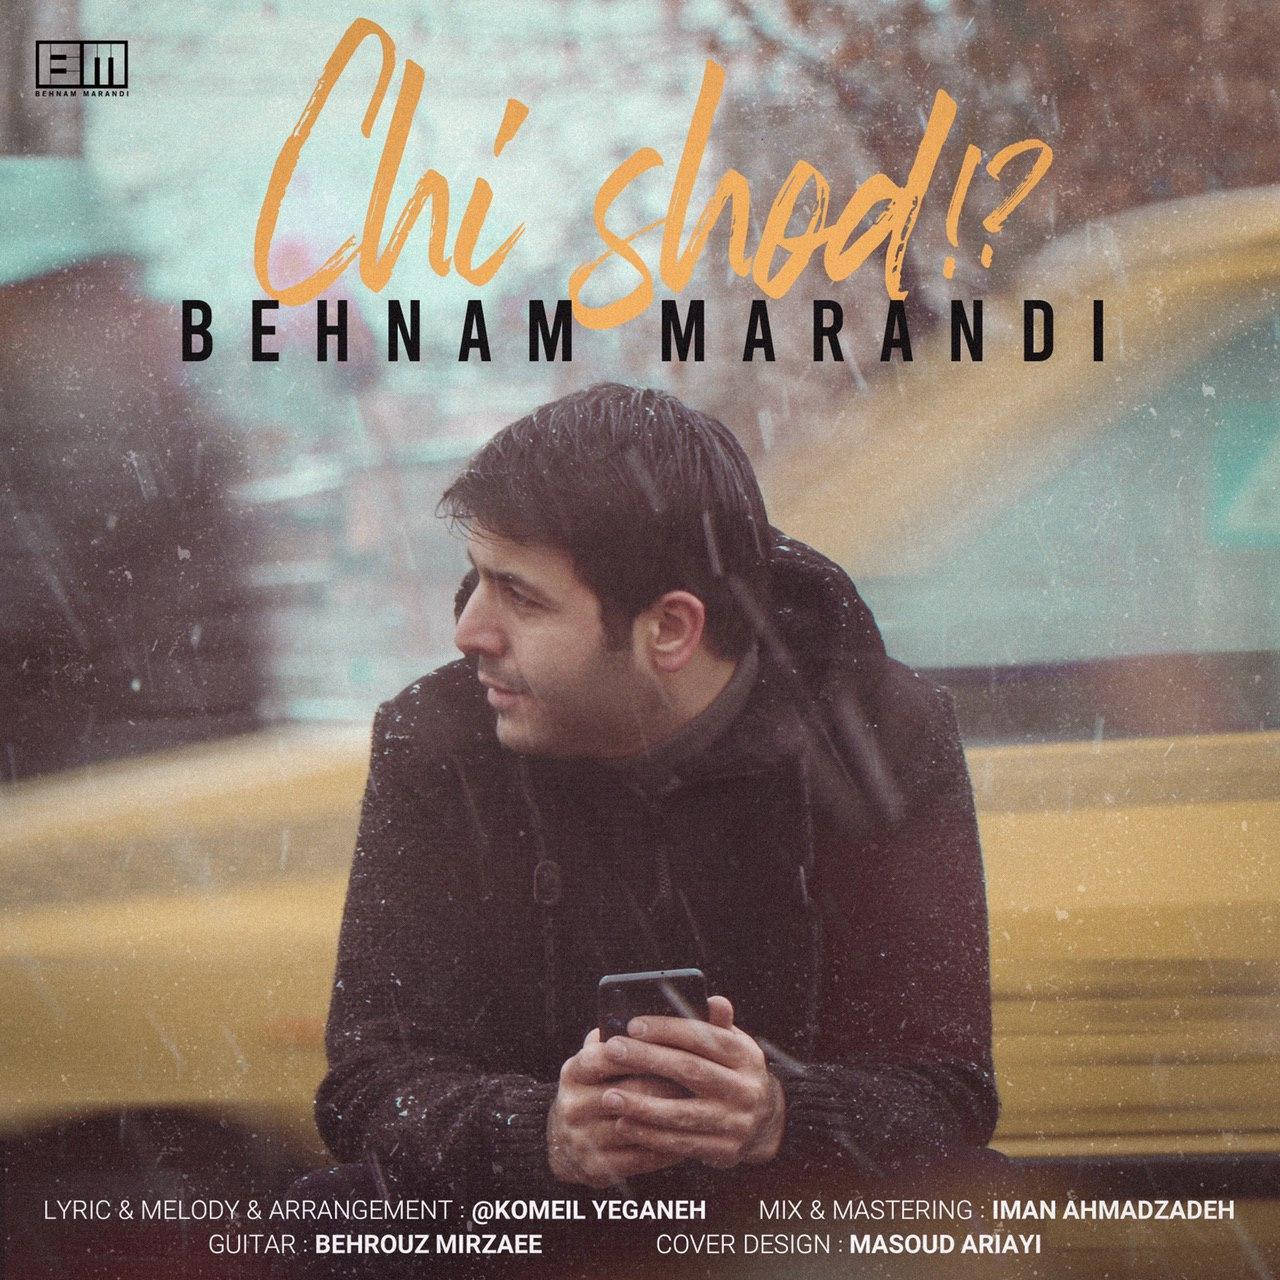 Behnam Marandi – Chi Shod